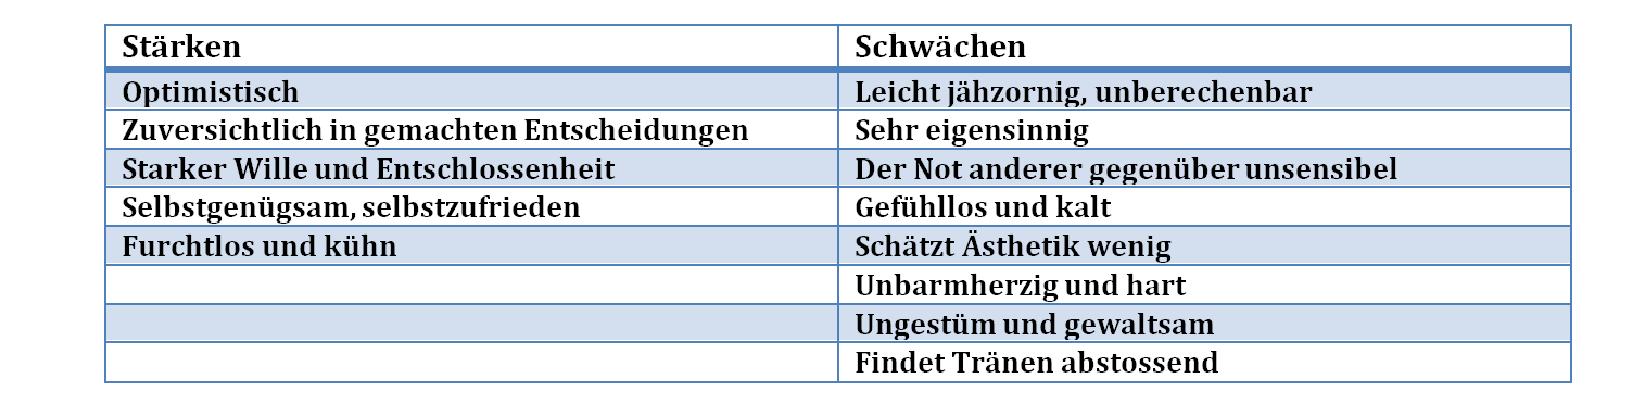 Temp Beschreibung Choleriker (2).png